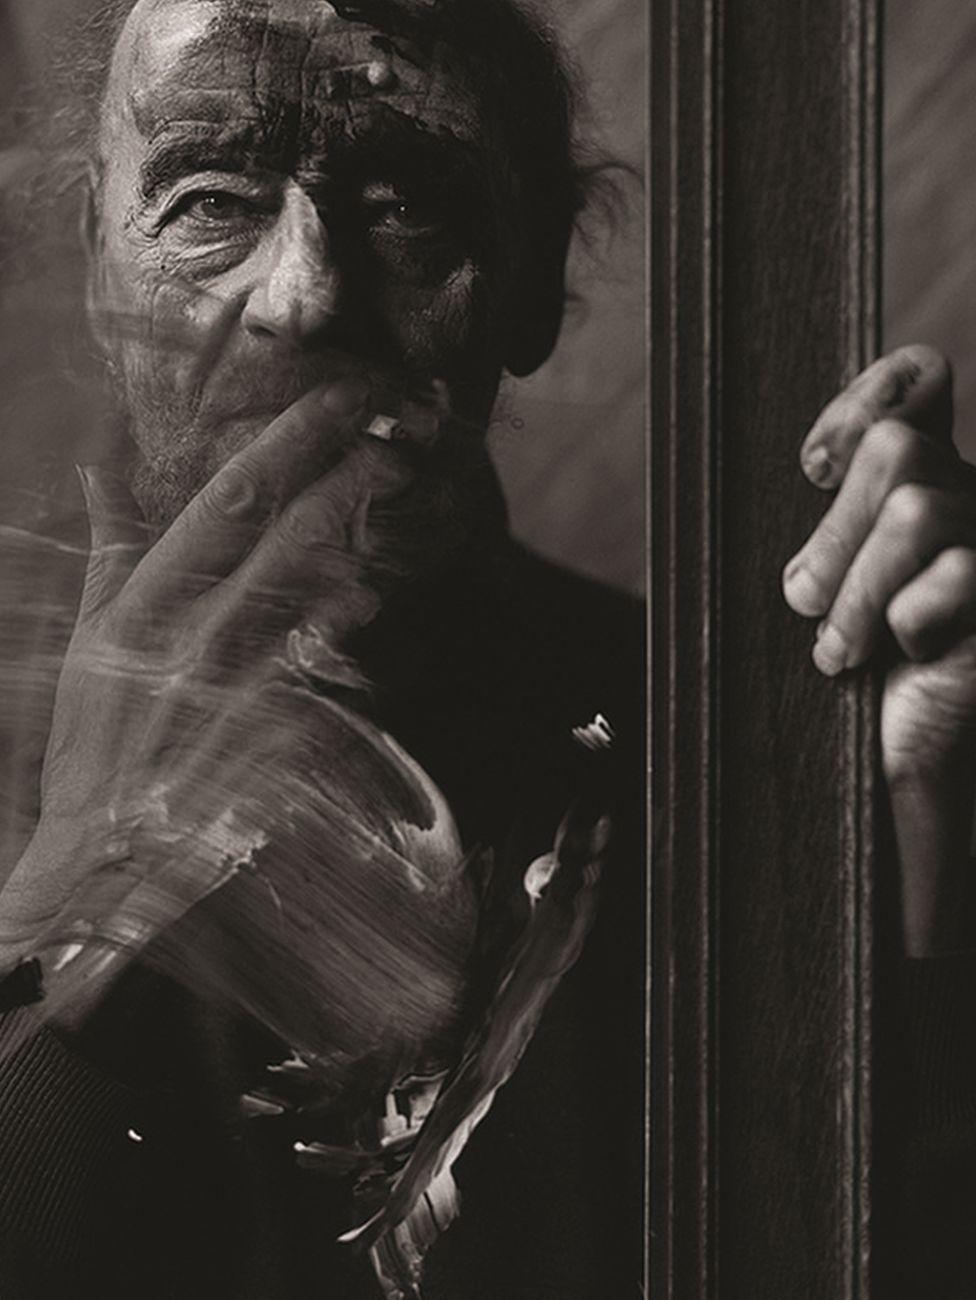 A photograph of Alan Tanner smoking